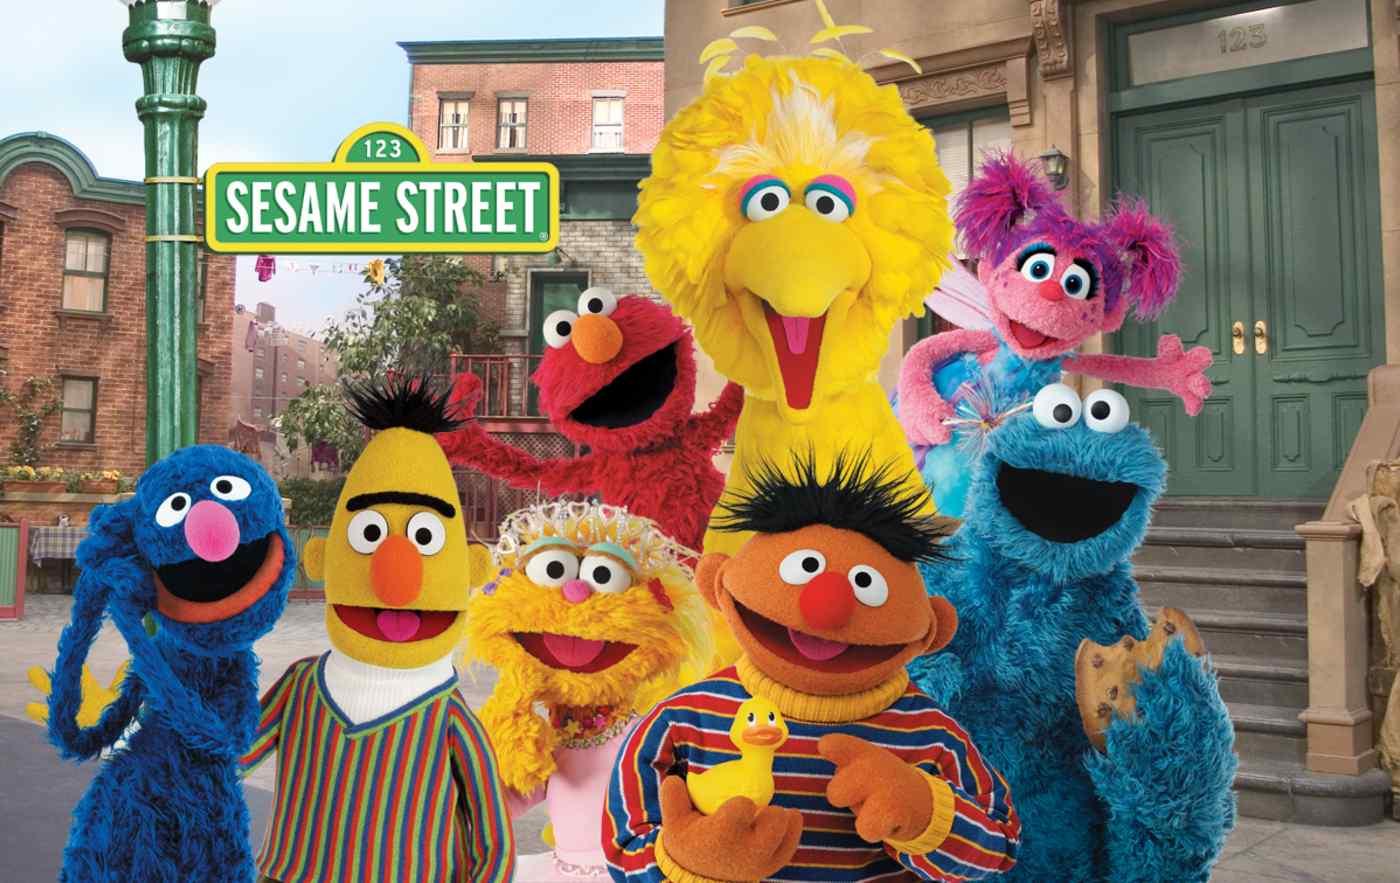 Sony nhận thấy một loạt cơ hội gắn liền với Sesame Street, từ buôn bán và phát triển trò chơi đến nâng cao nhận thức về các vấn đề xã hội ở Nhật Bản. © 2021 Hội thảo Sesame. Đã đăng ký Bản quyền.